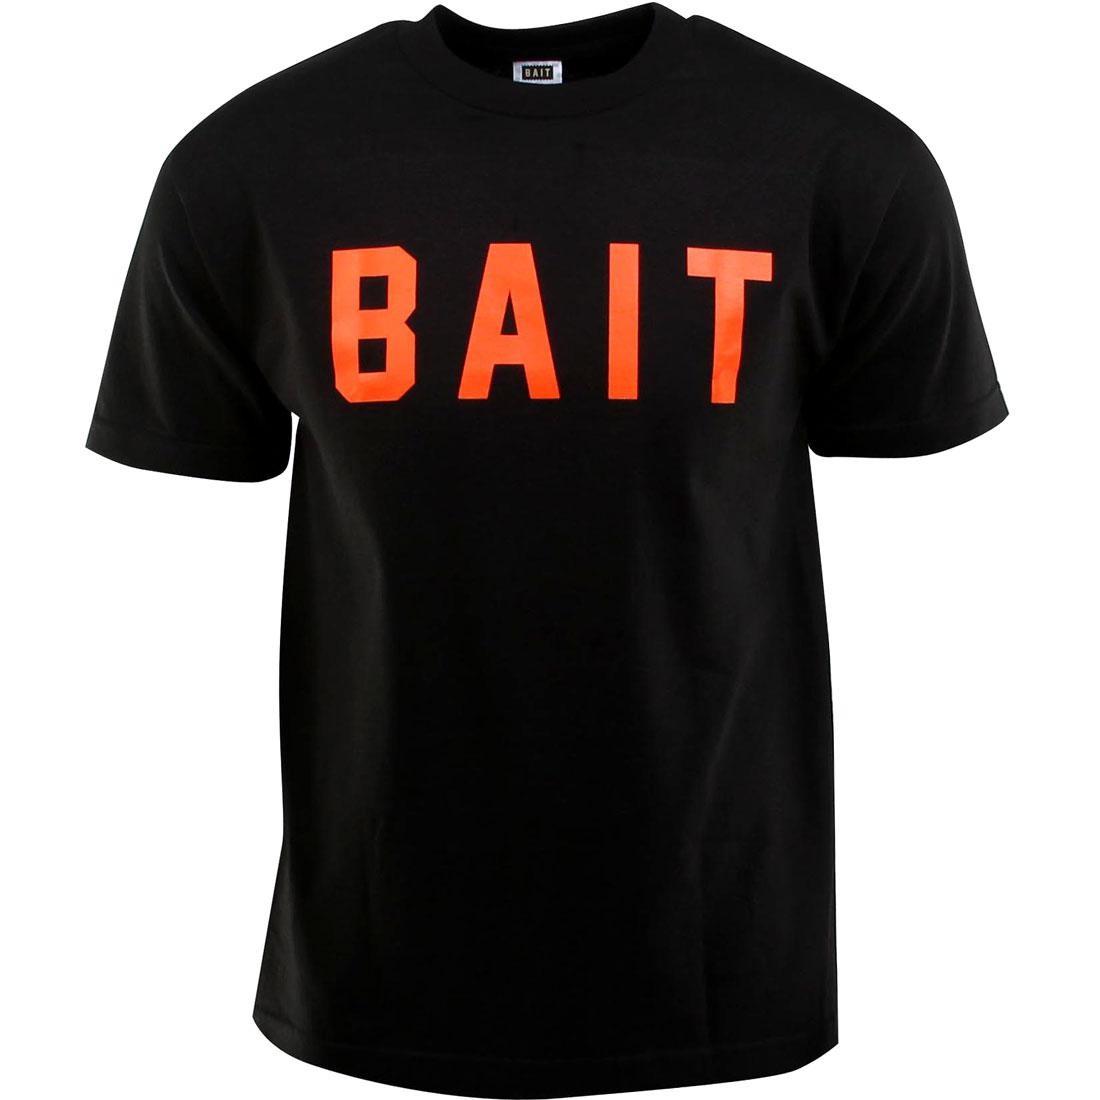 ベイト BAIT ロゴ Tシャツ メンズファッション トップス カットソー メンズ 【 Logo Tee (black / Orange) 】 Black / Orange